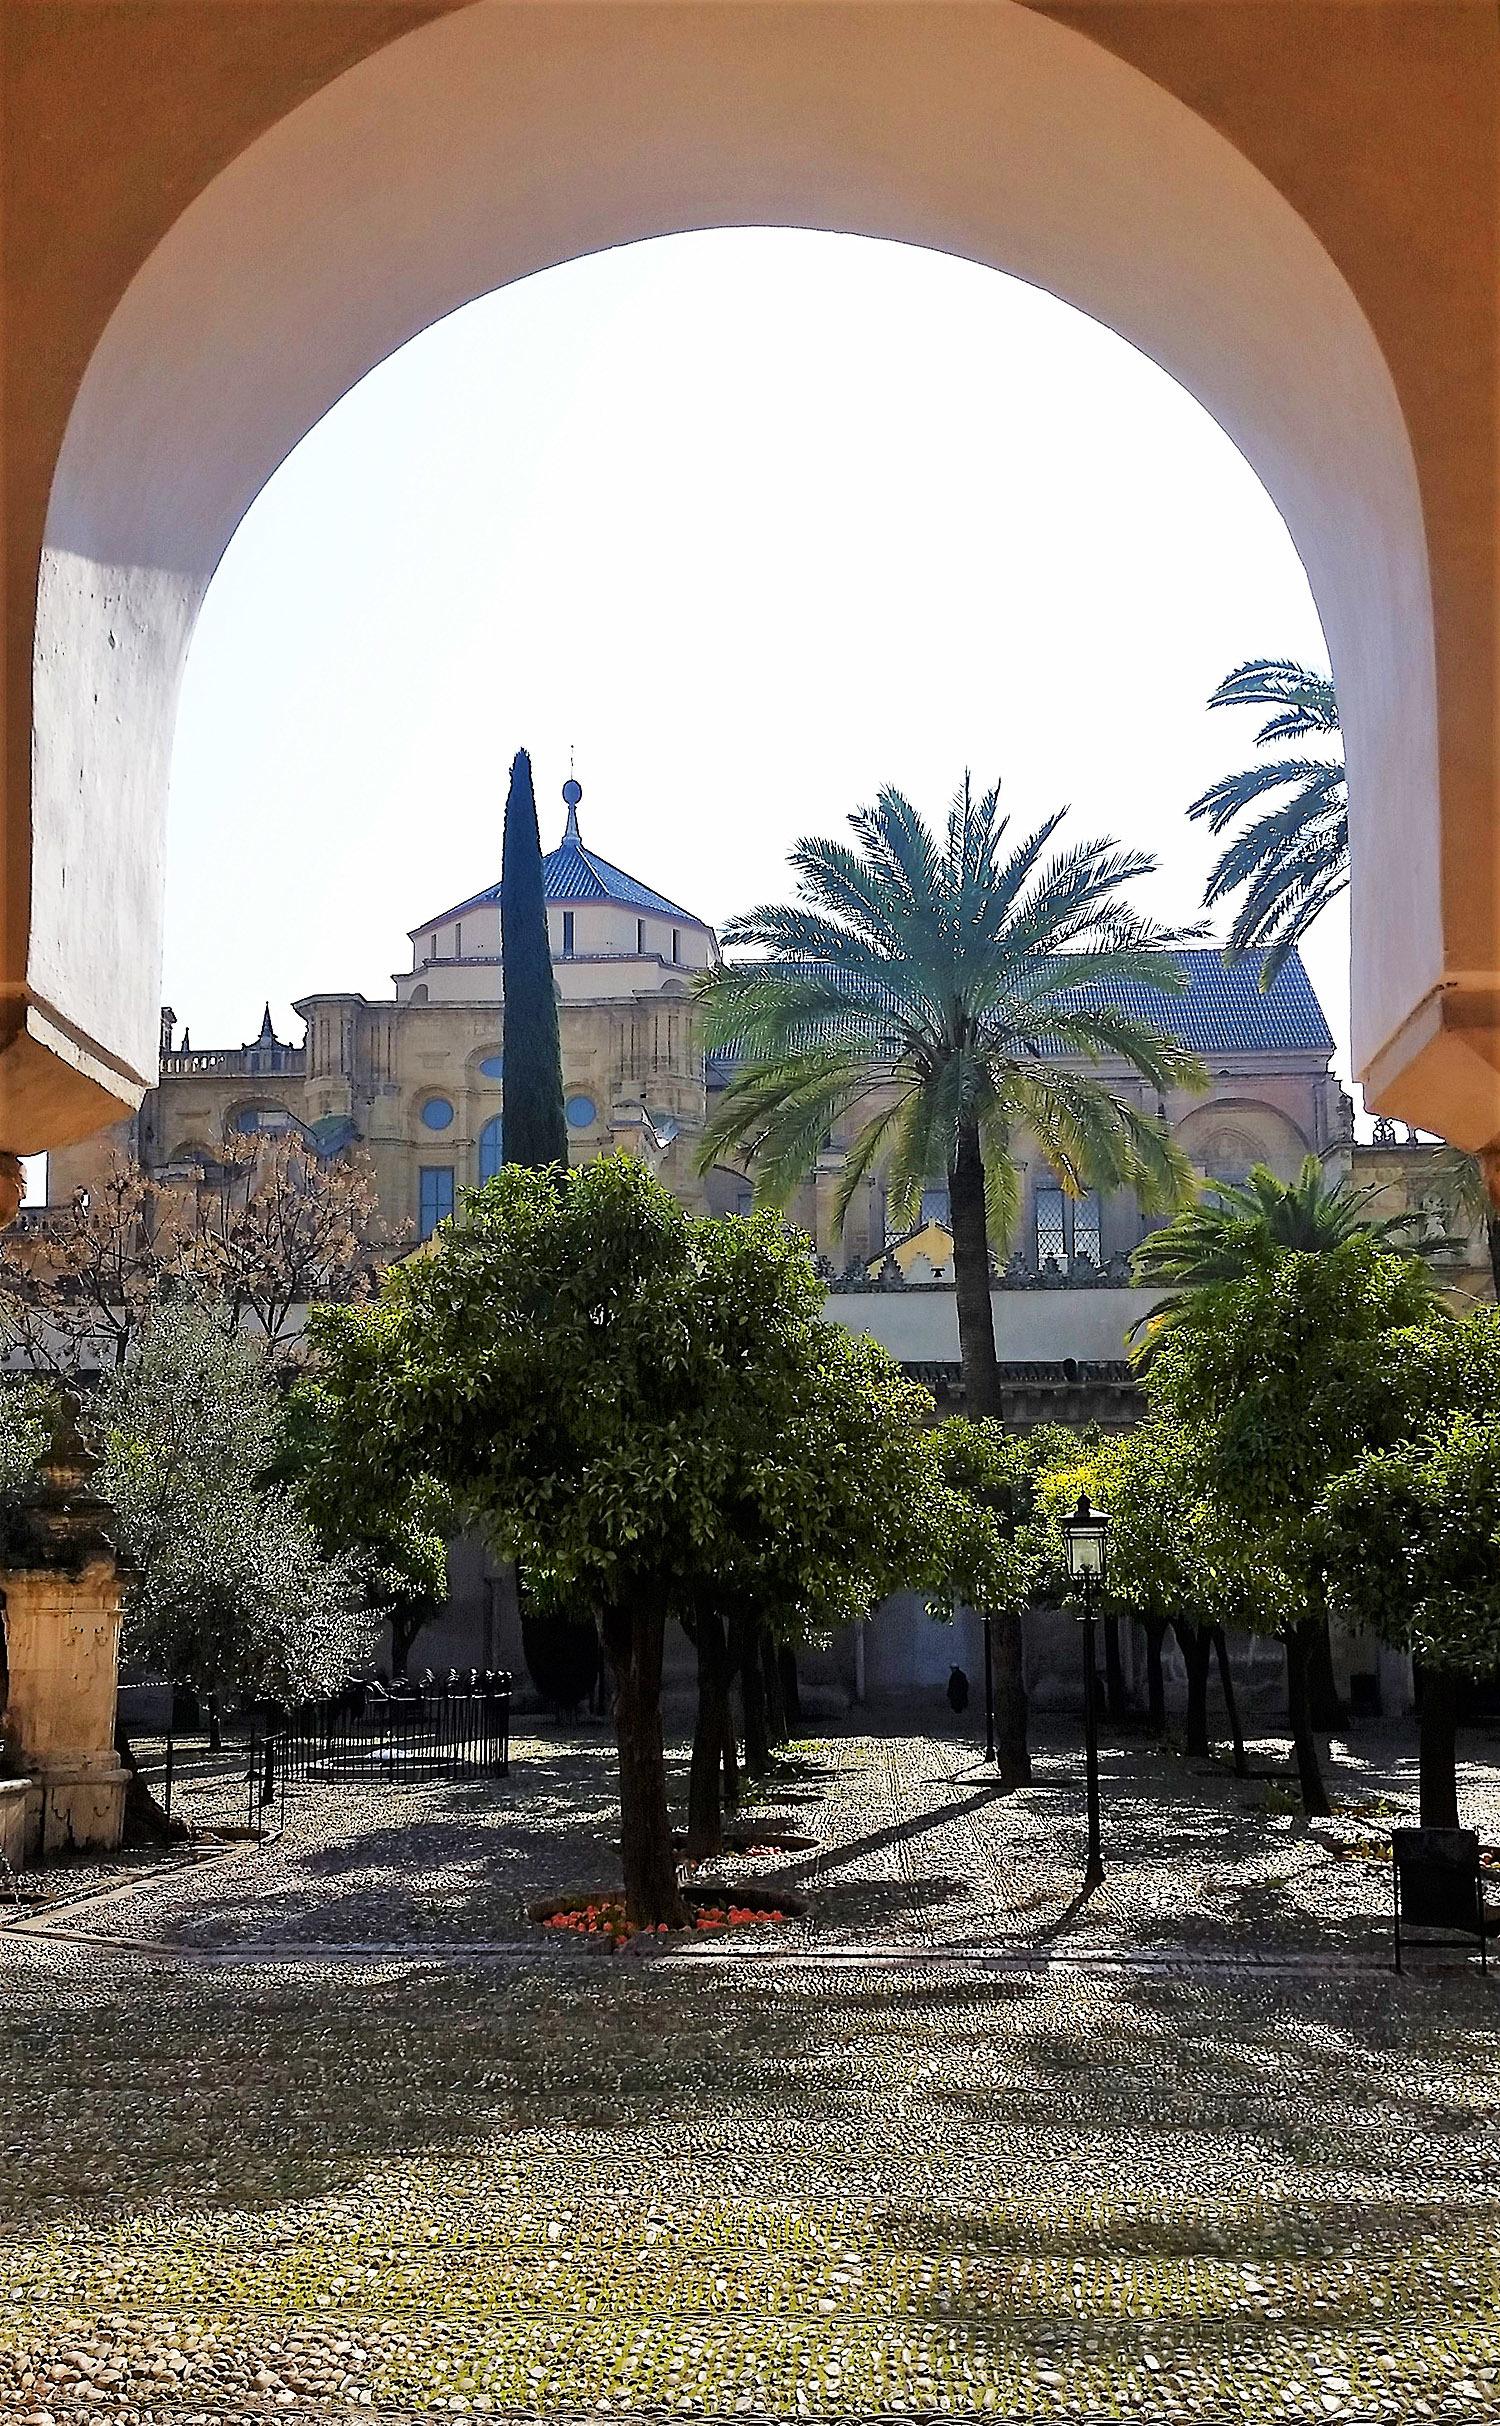 مسجد کے باغ سے ایک منظر.— تصویر بشکریہ لکھاری